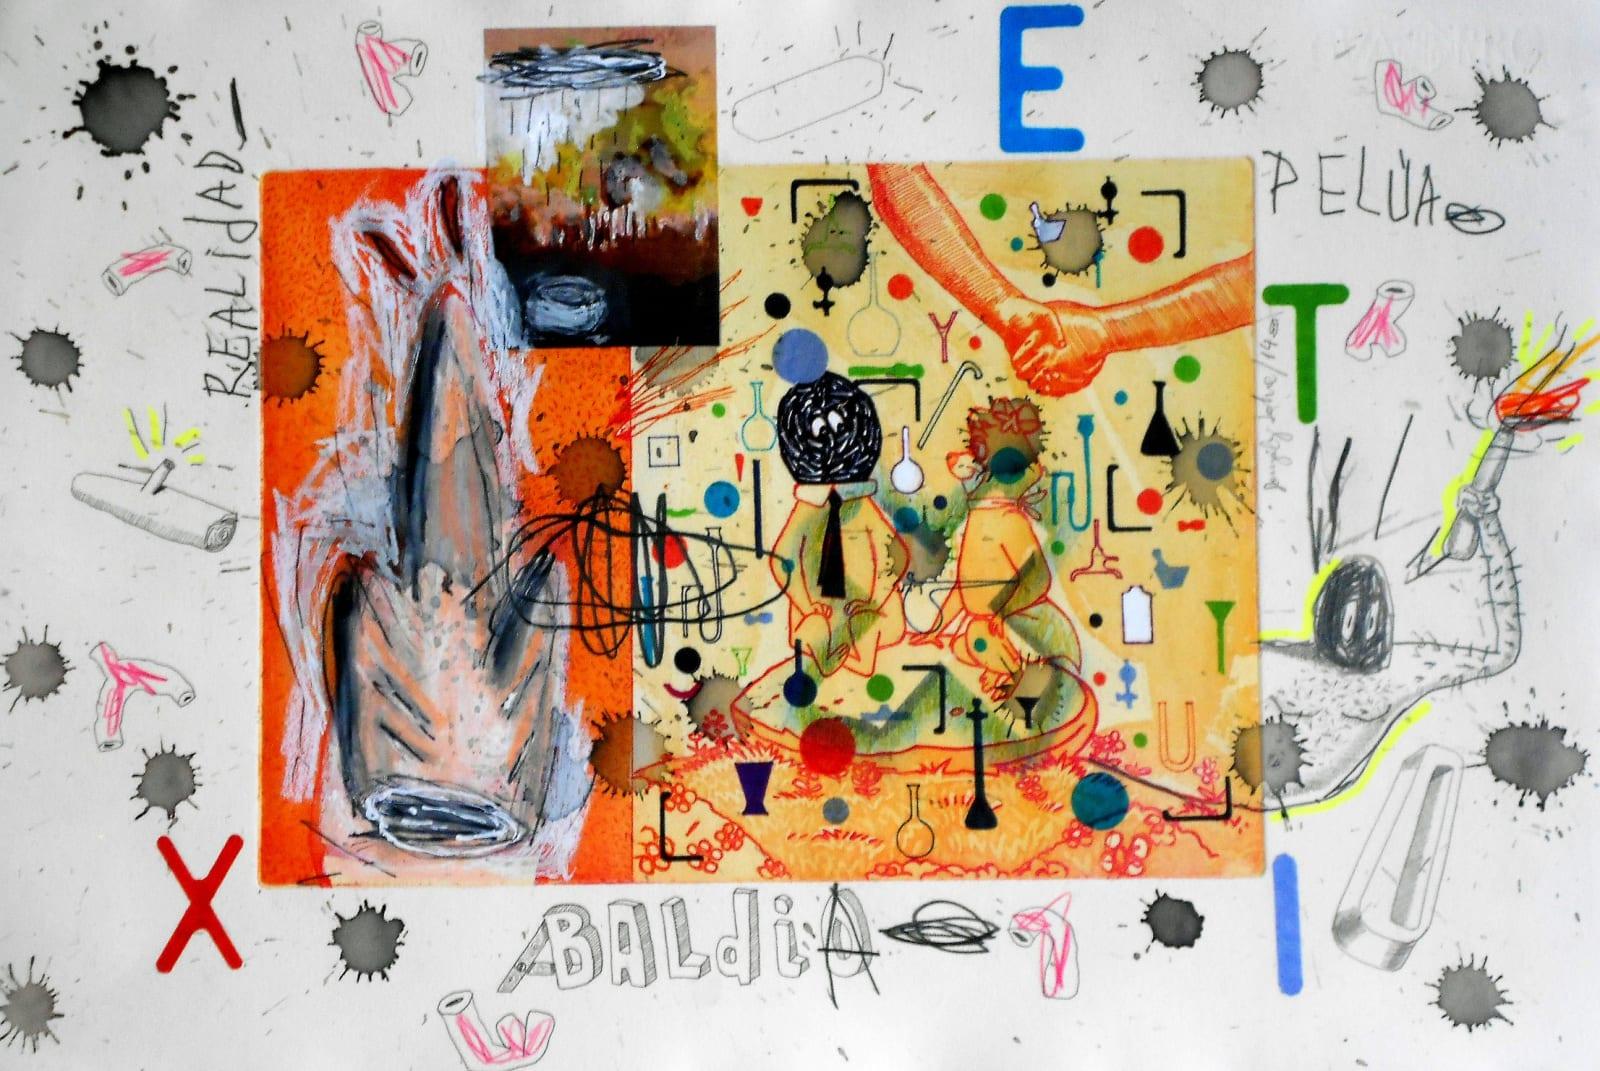 Coco González Lohse, Realidad Pelúa, 2001-2018. Mixed technique on paper, 35 x 55 cm.